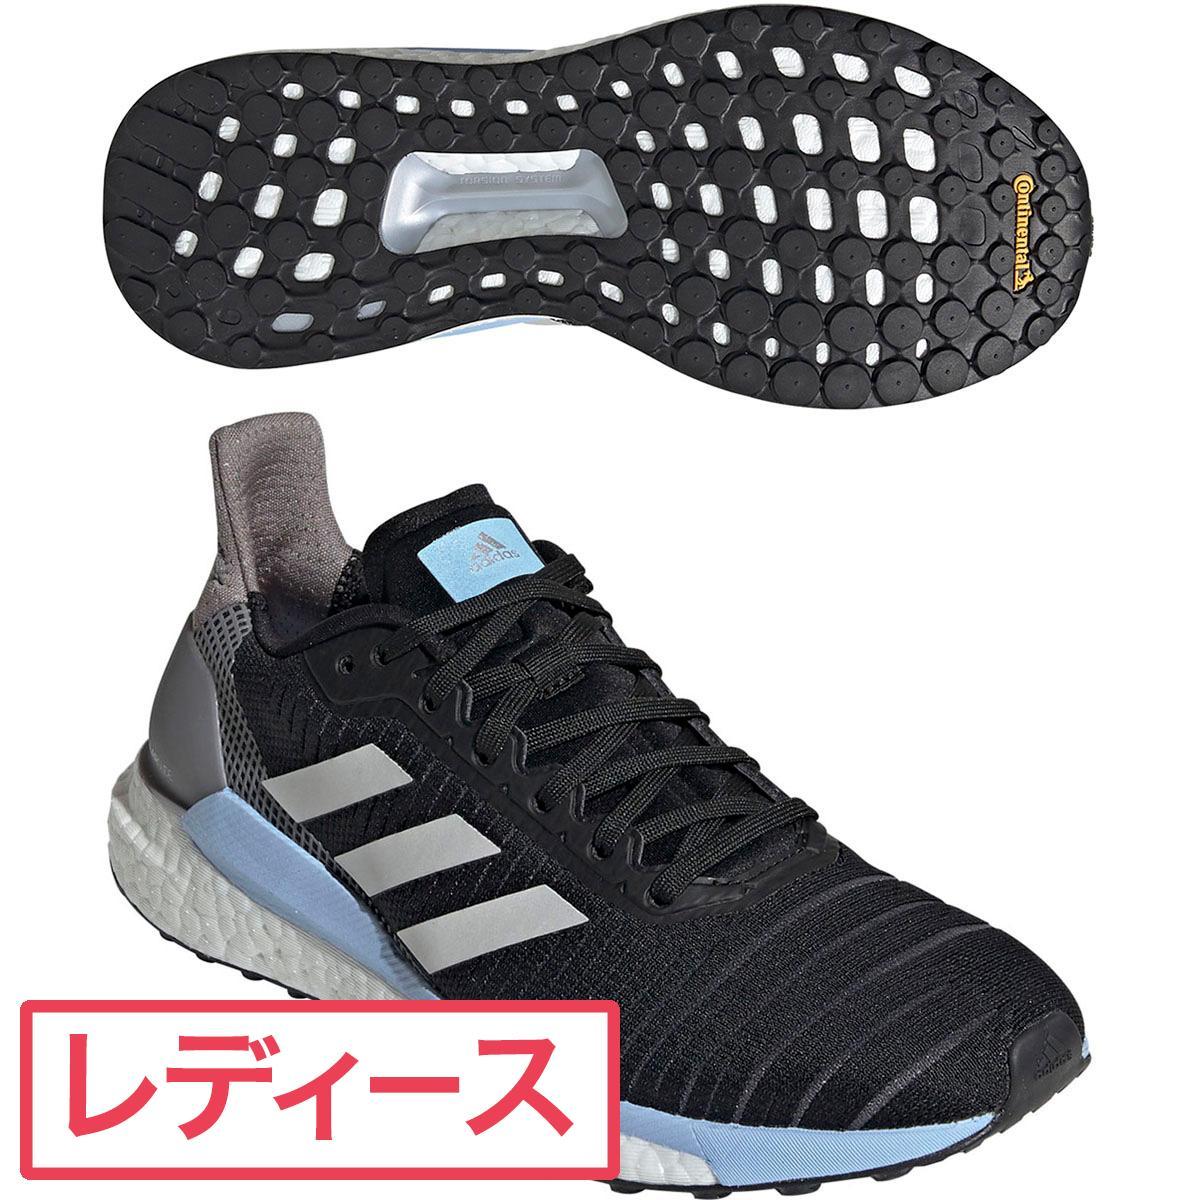 アディダス Adidas ソーラーグライド シューズ レディス